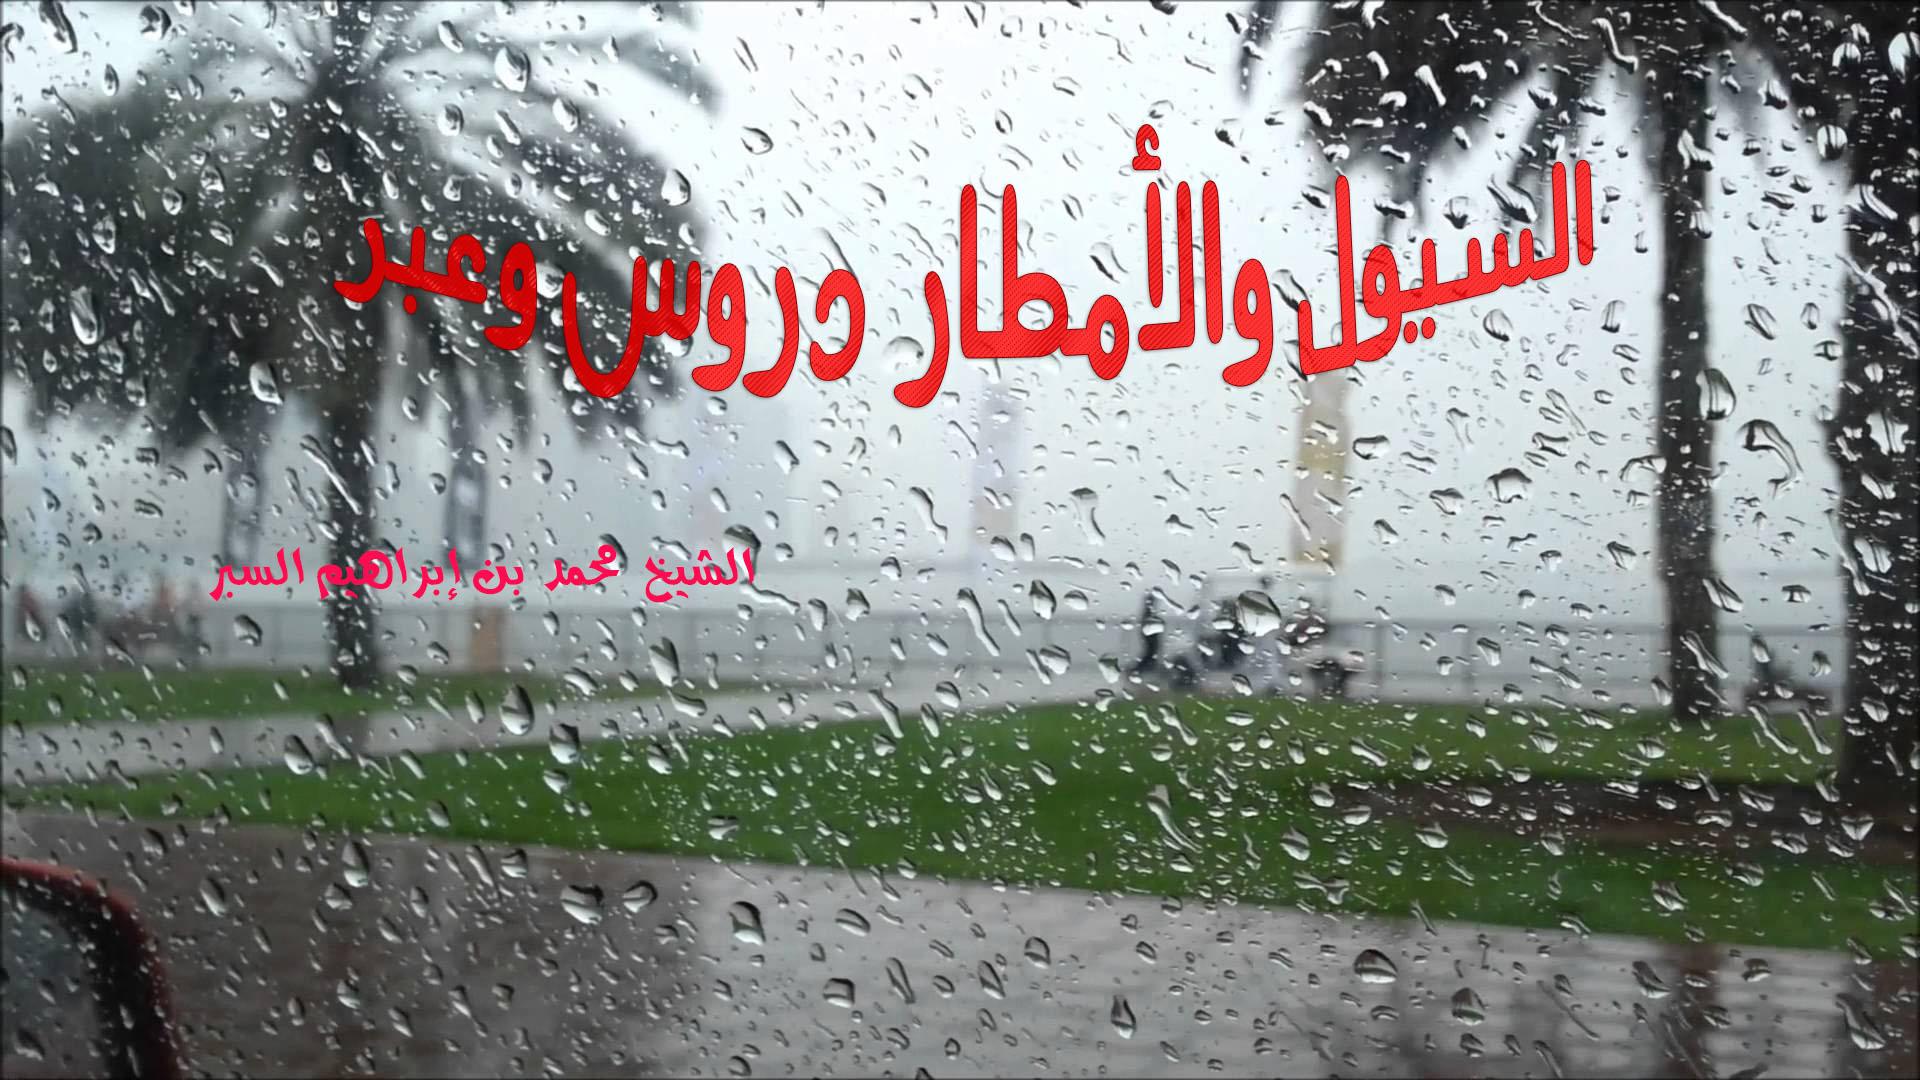 السيول والأمطار دروس وعبر – خطب الجمعة